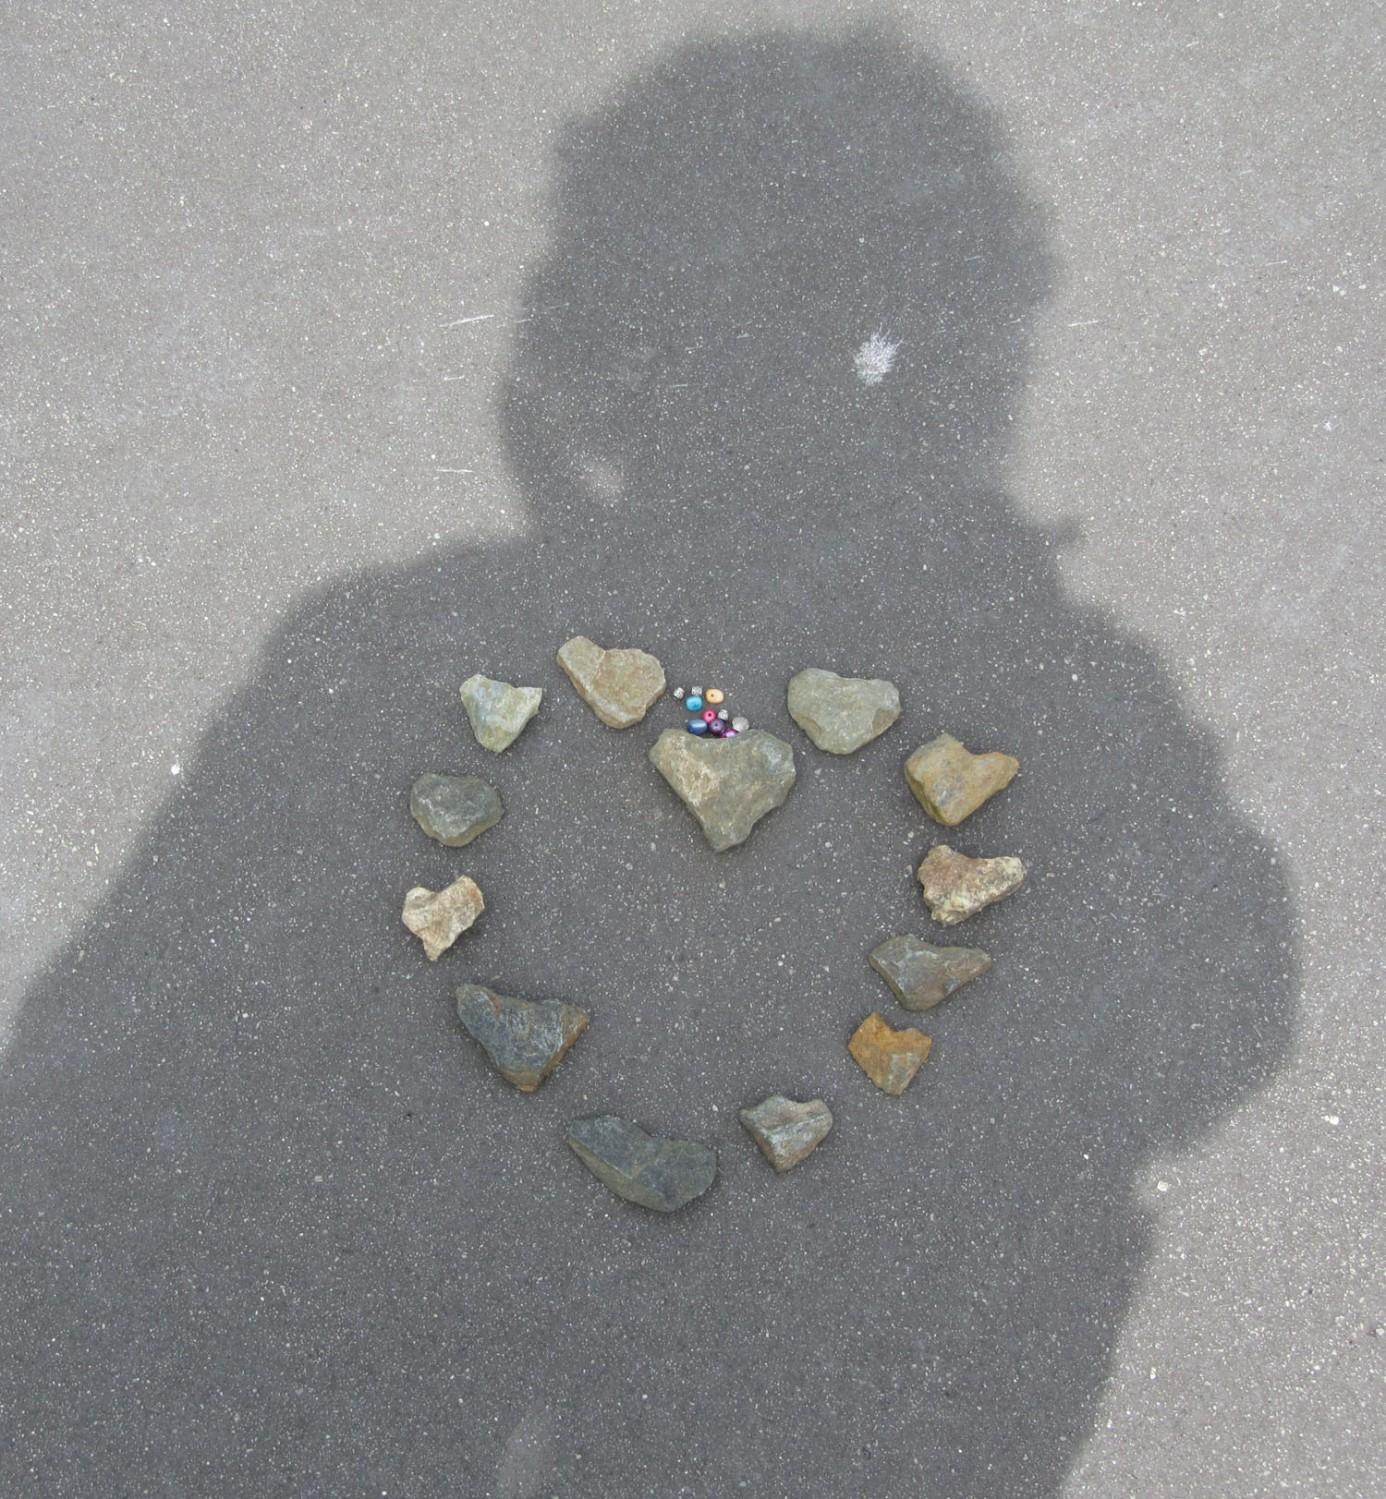 Camino-De-Santiago-Corazones-Finisterre-Heartstones